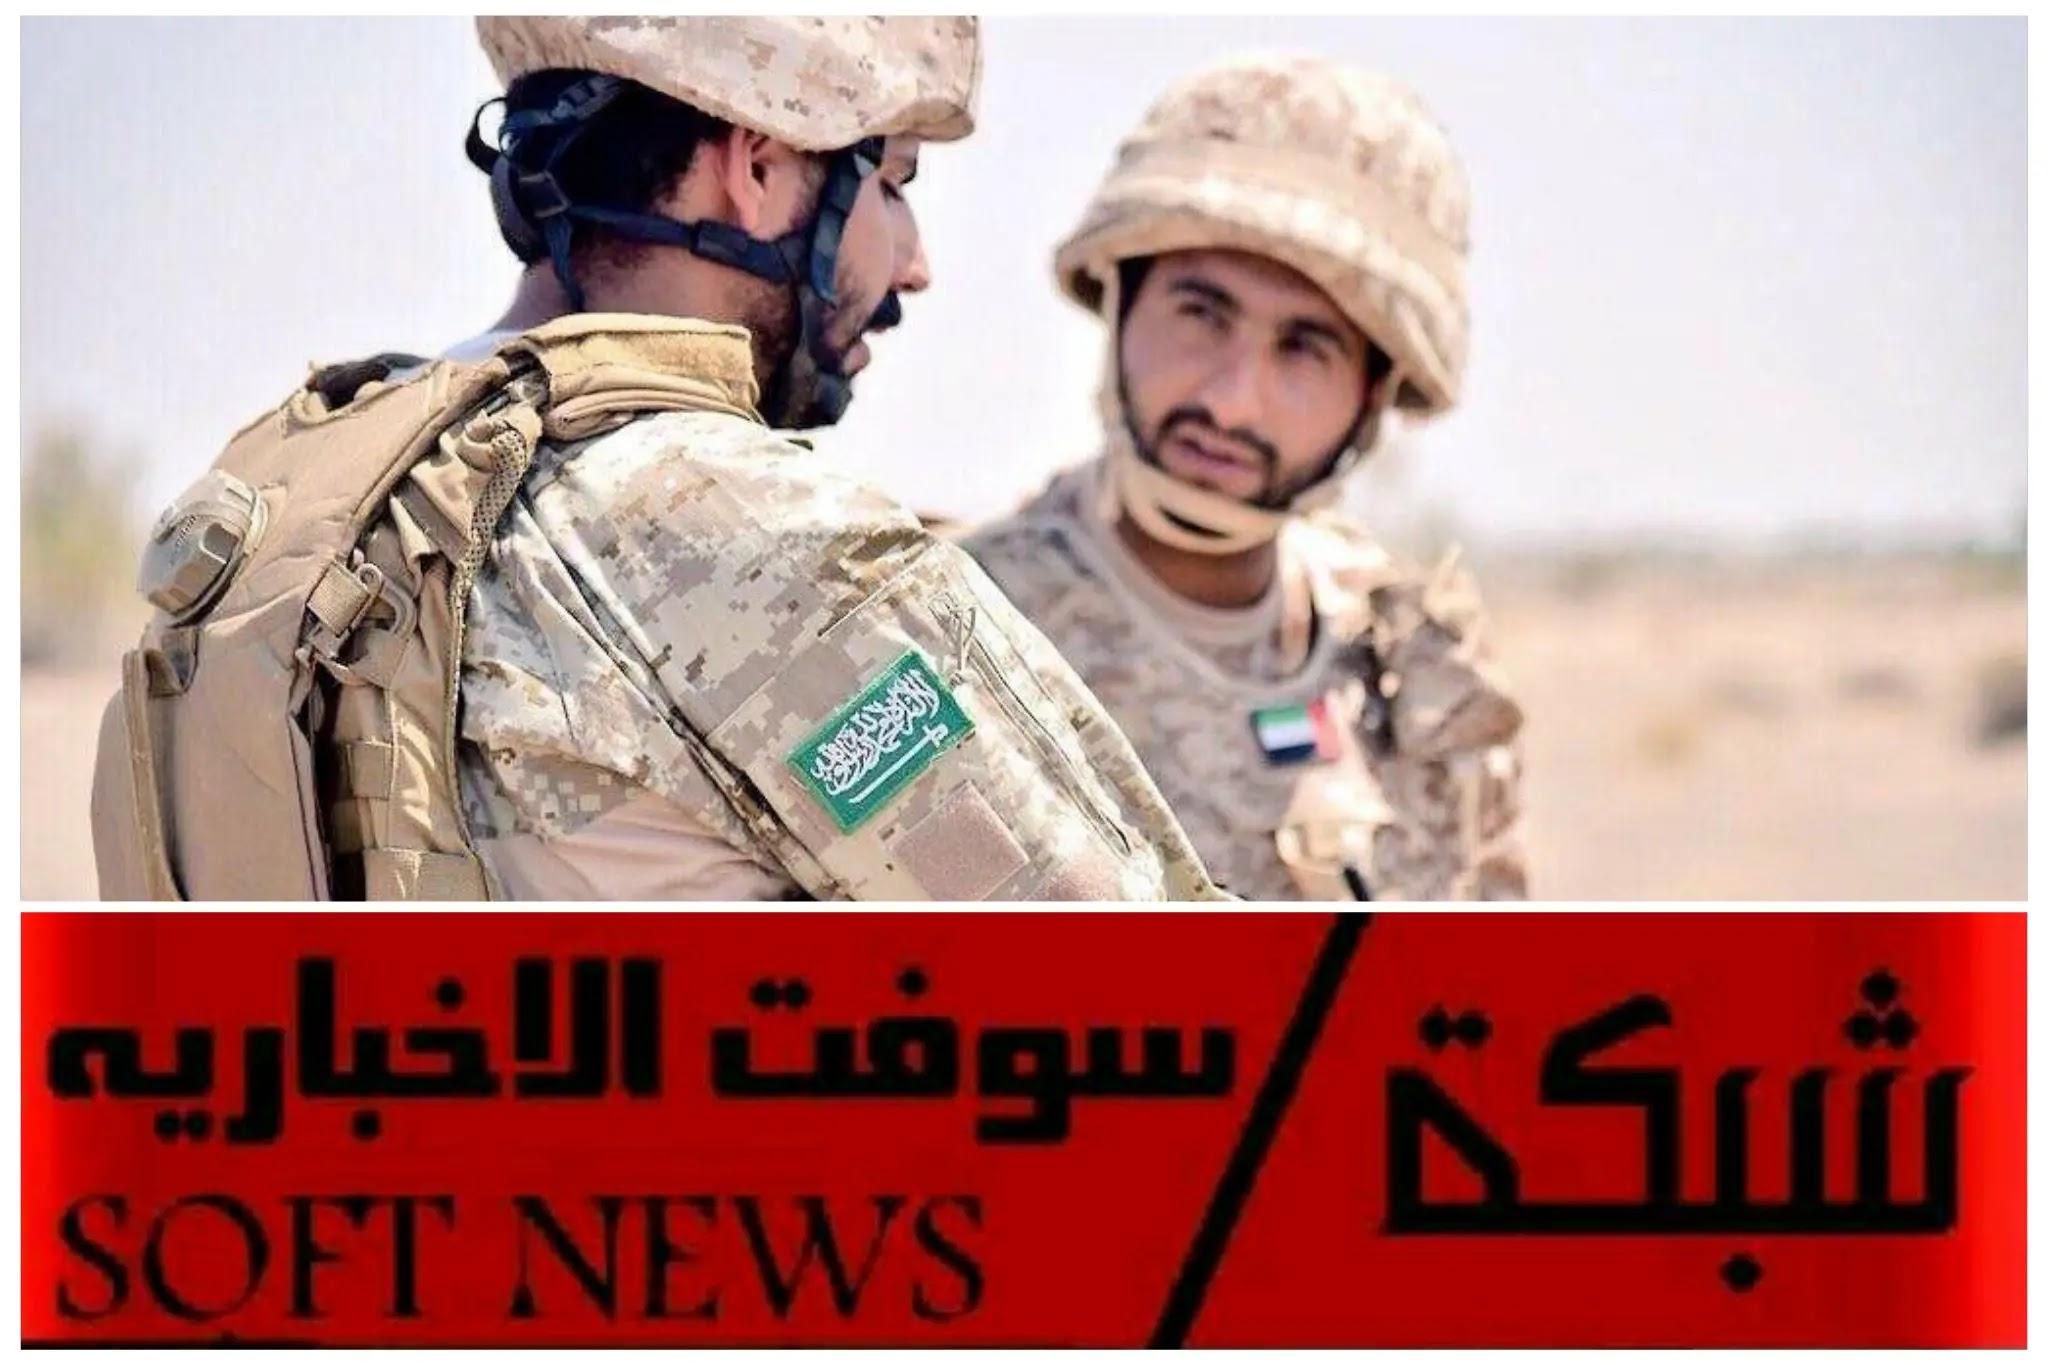 اخبار اليمن: هدنه جديدة في ابين تجلب السلام الى جنوب اليمن